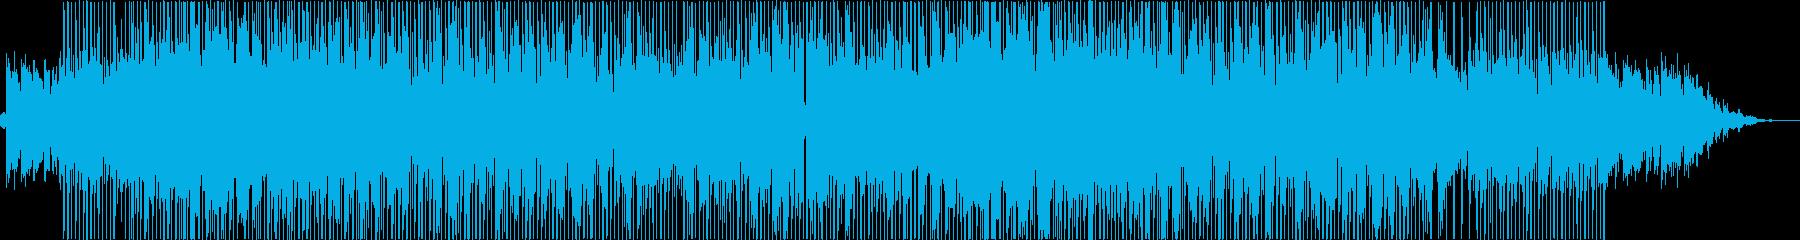 サーカスナイトの再生済みの波形